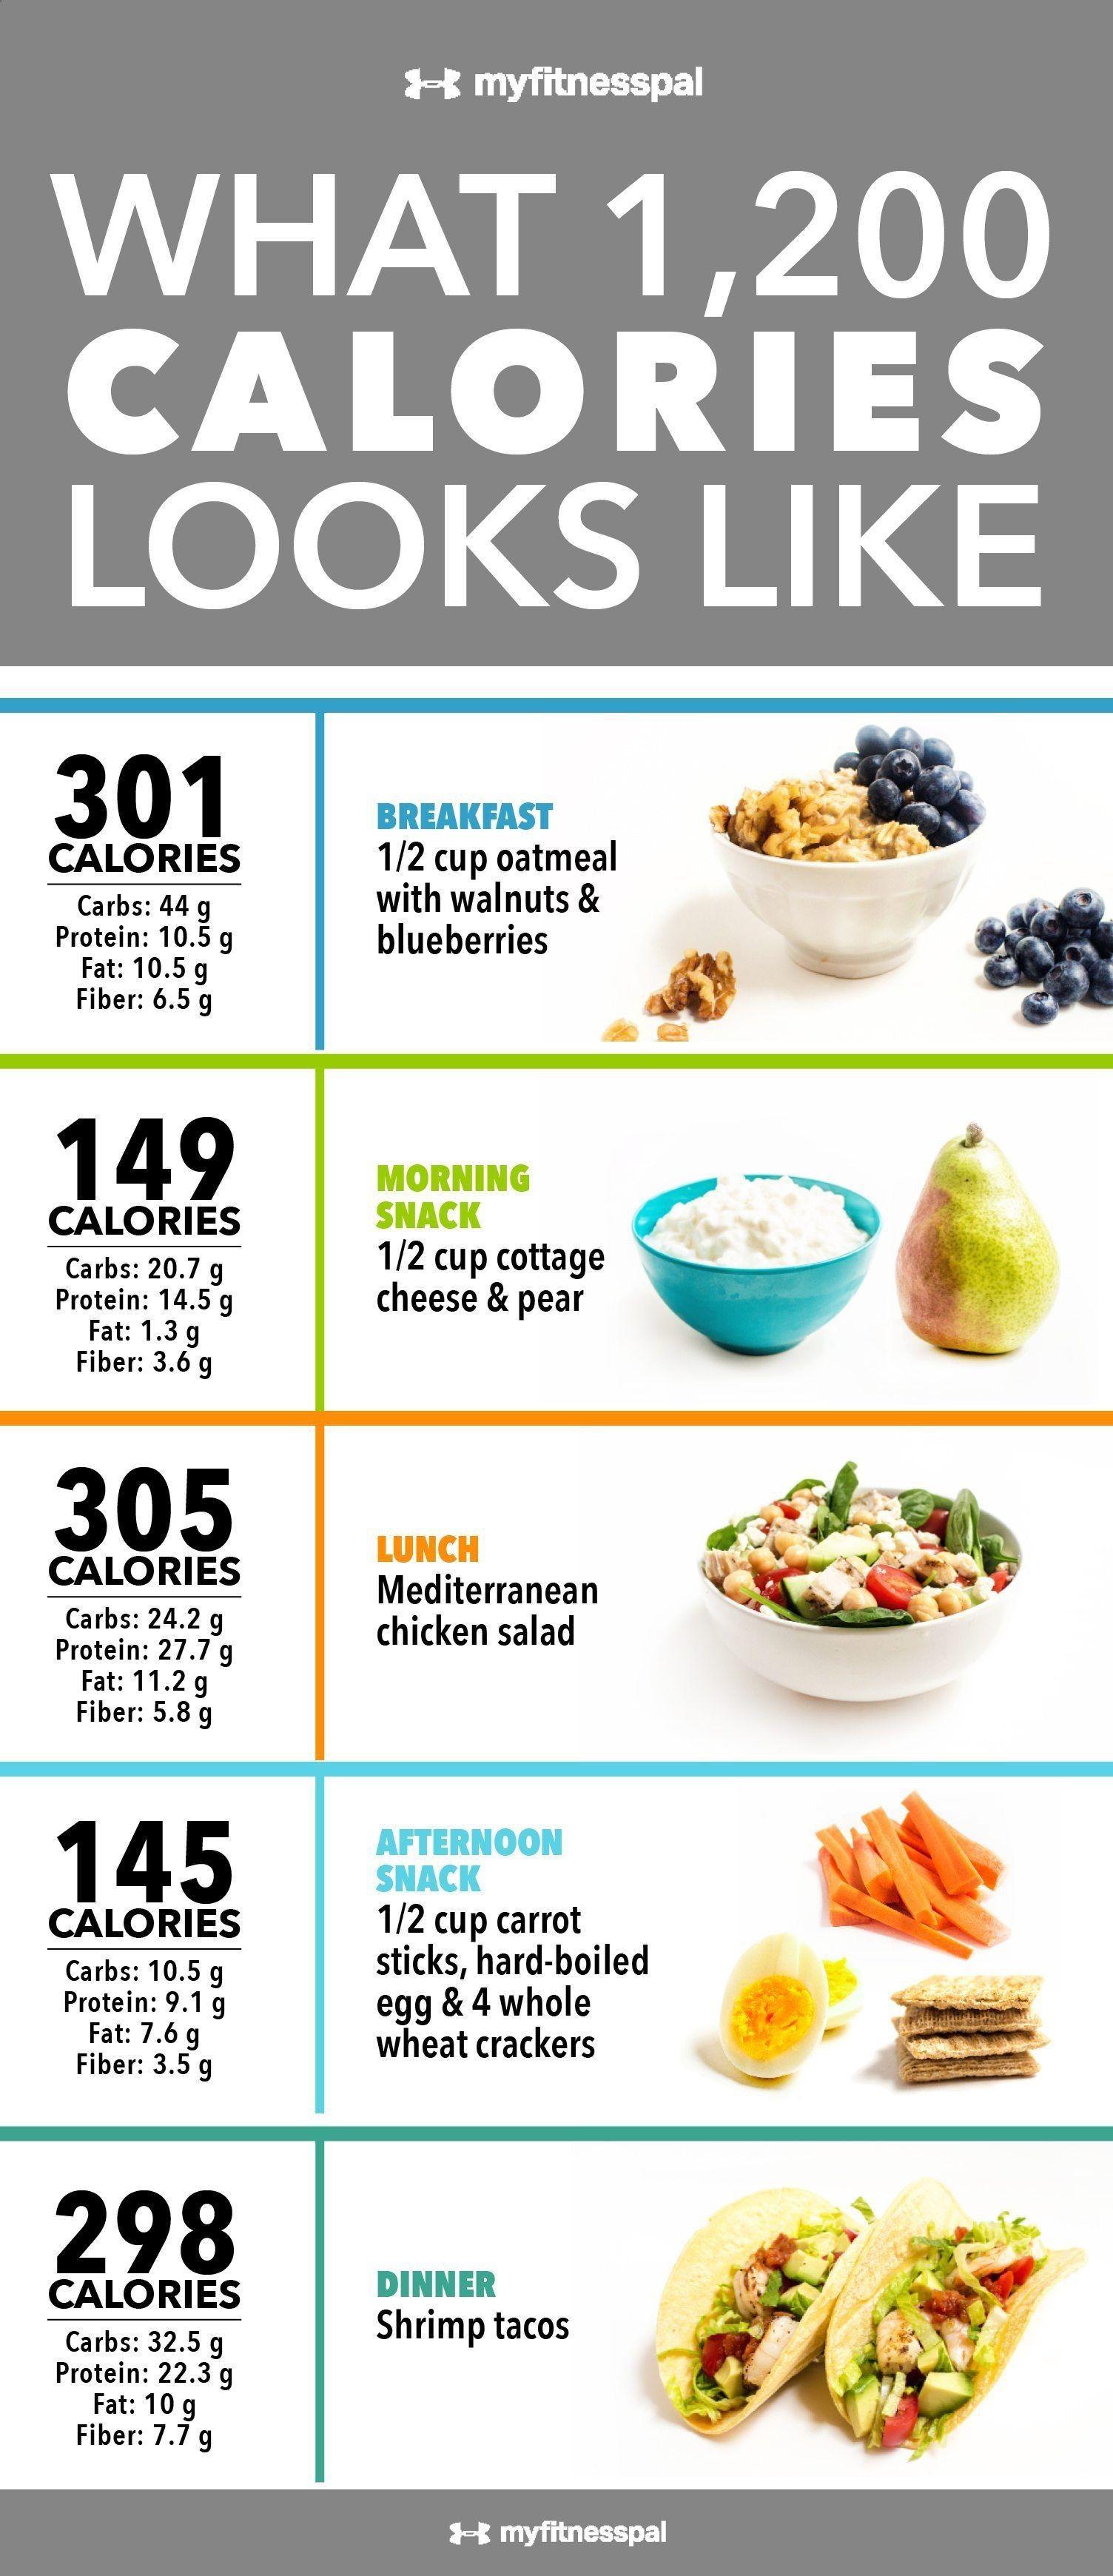 Quelle est la meilleure diète pour perdre du poids?